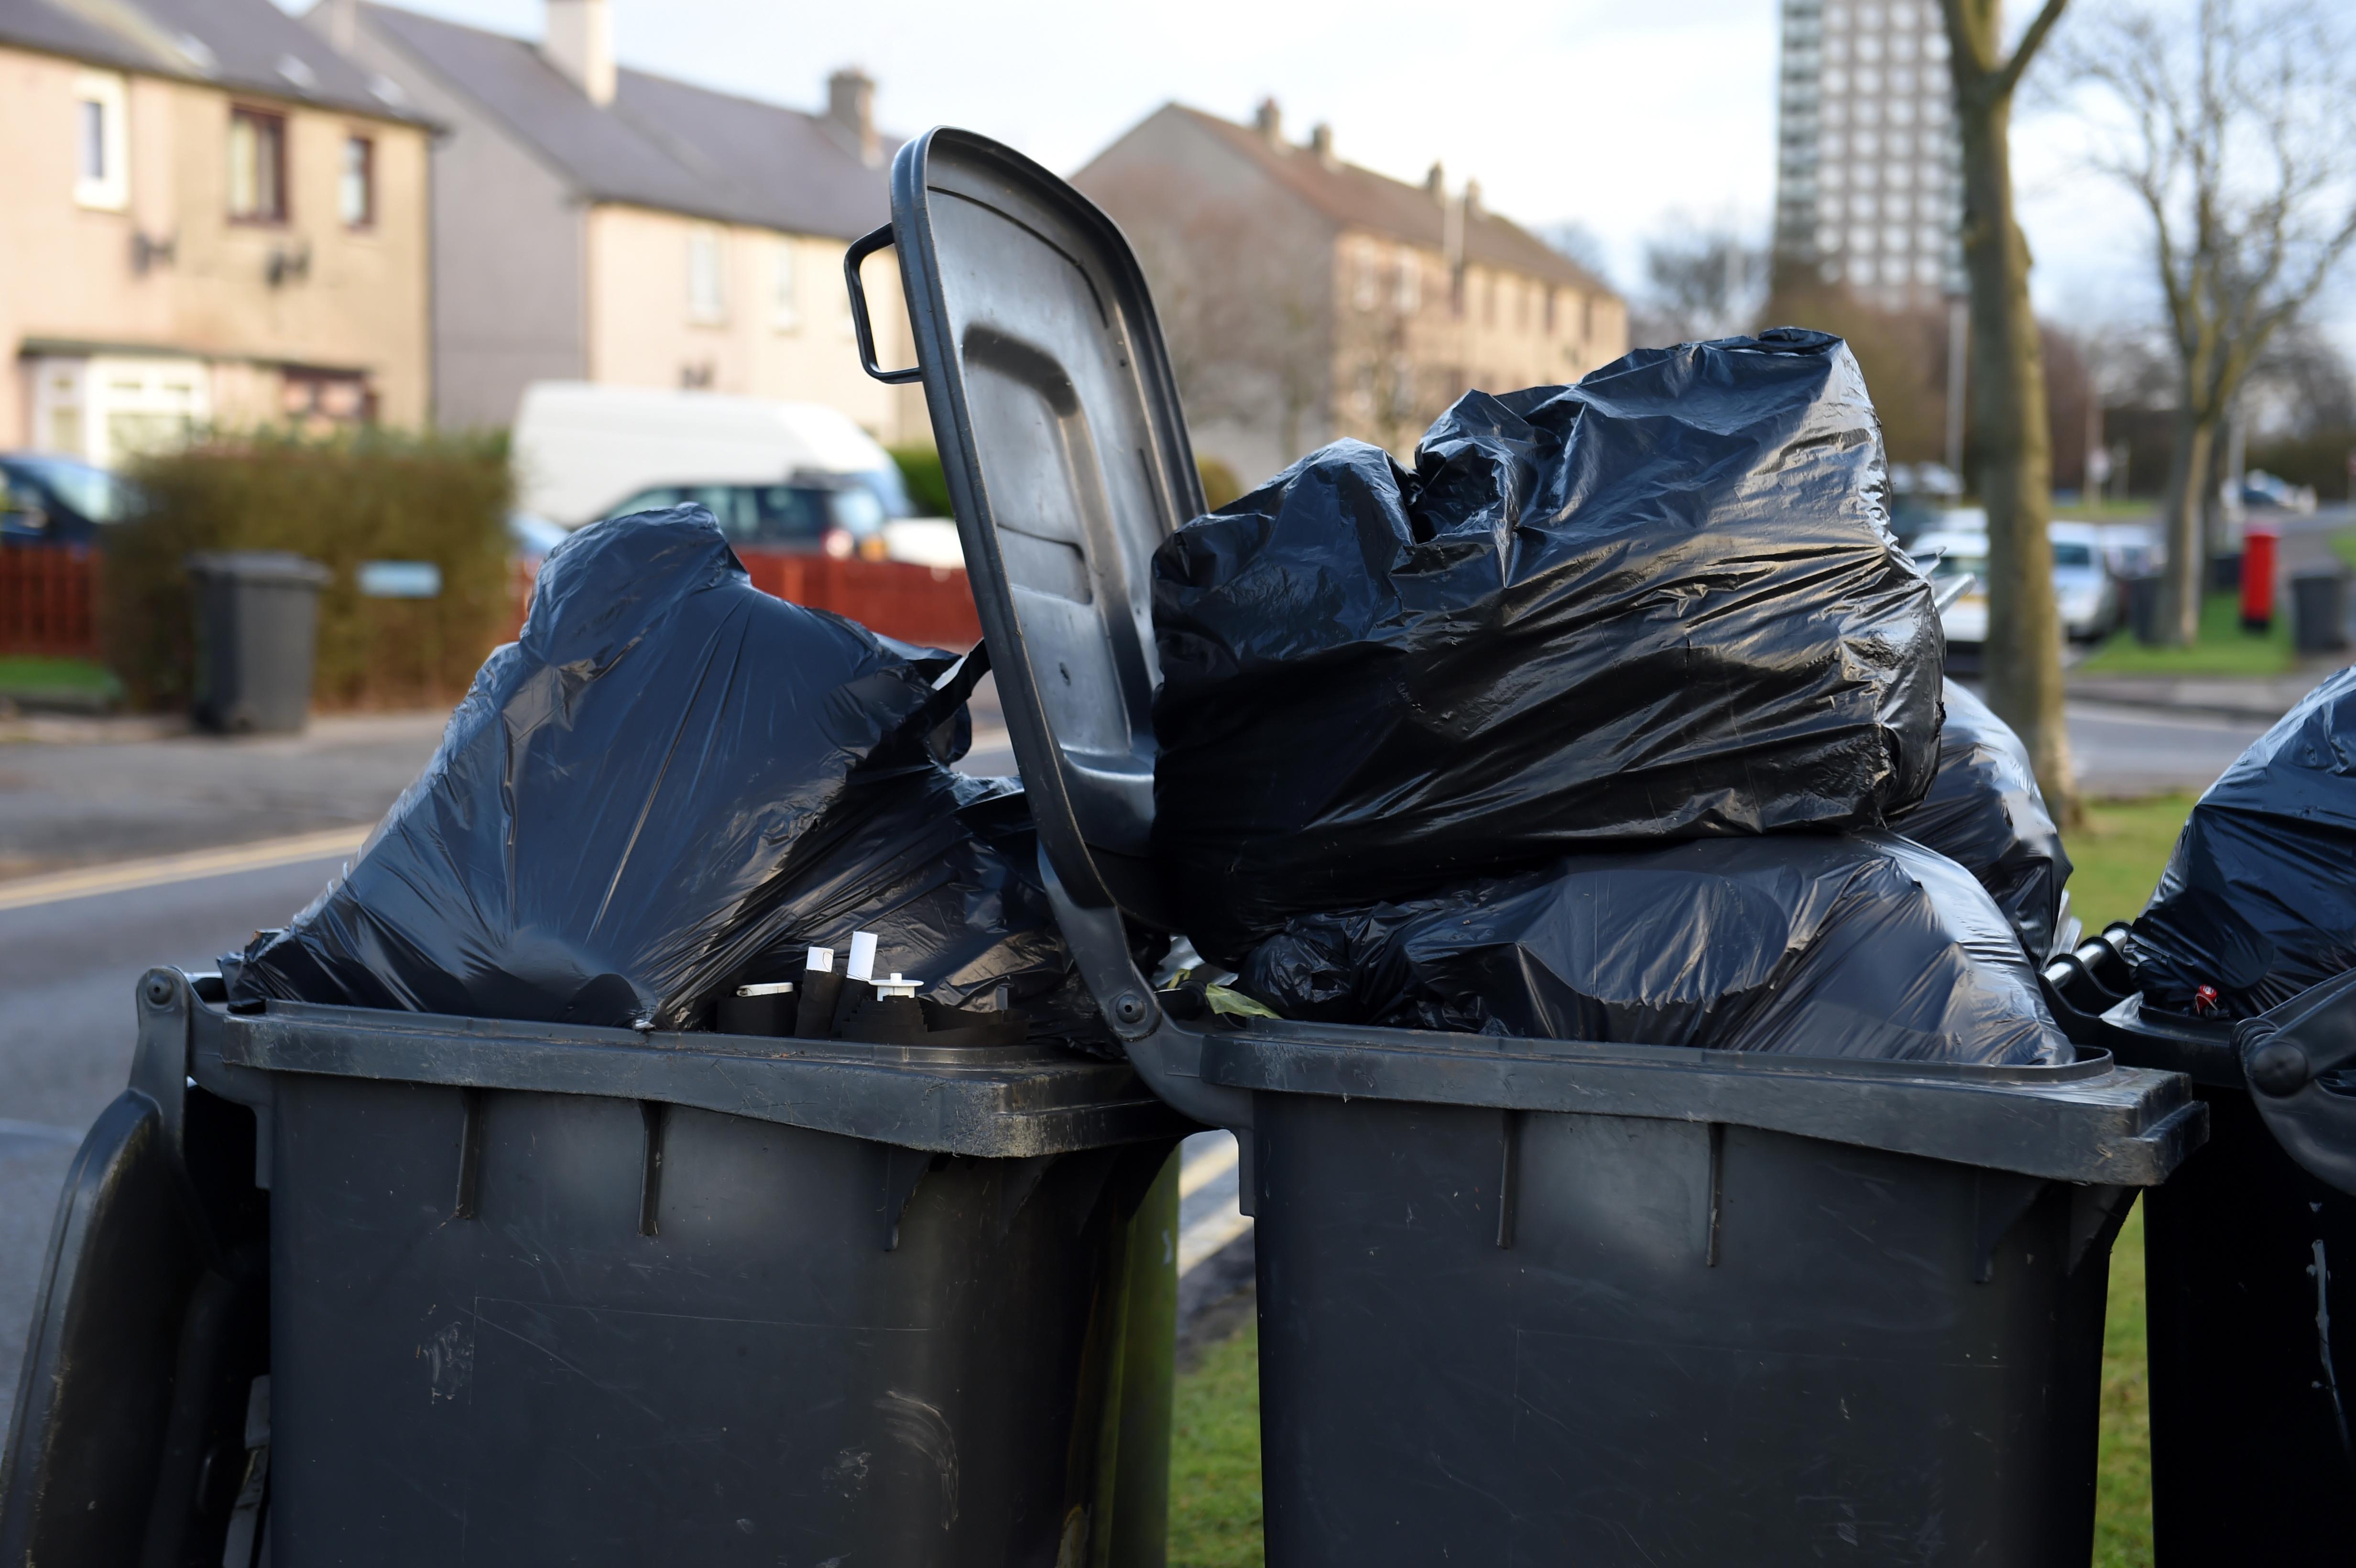 Wheelie bins overflowing with rubbish.